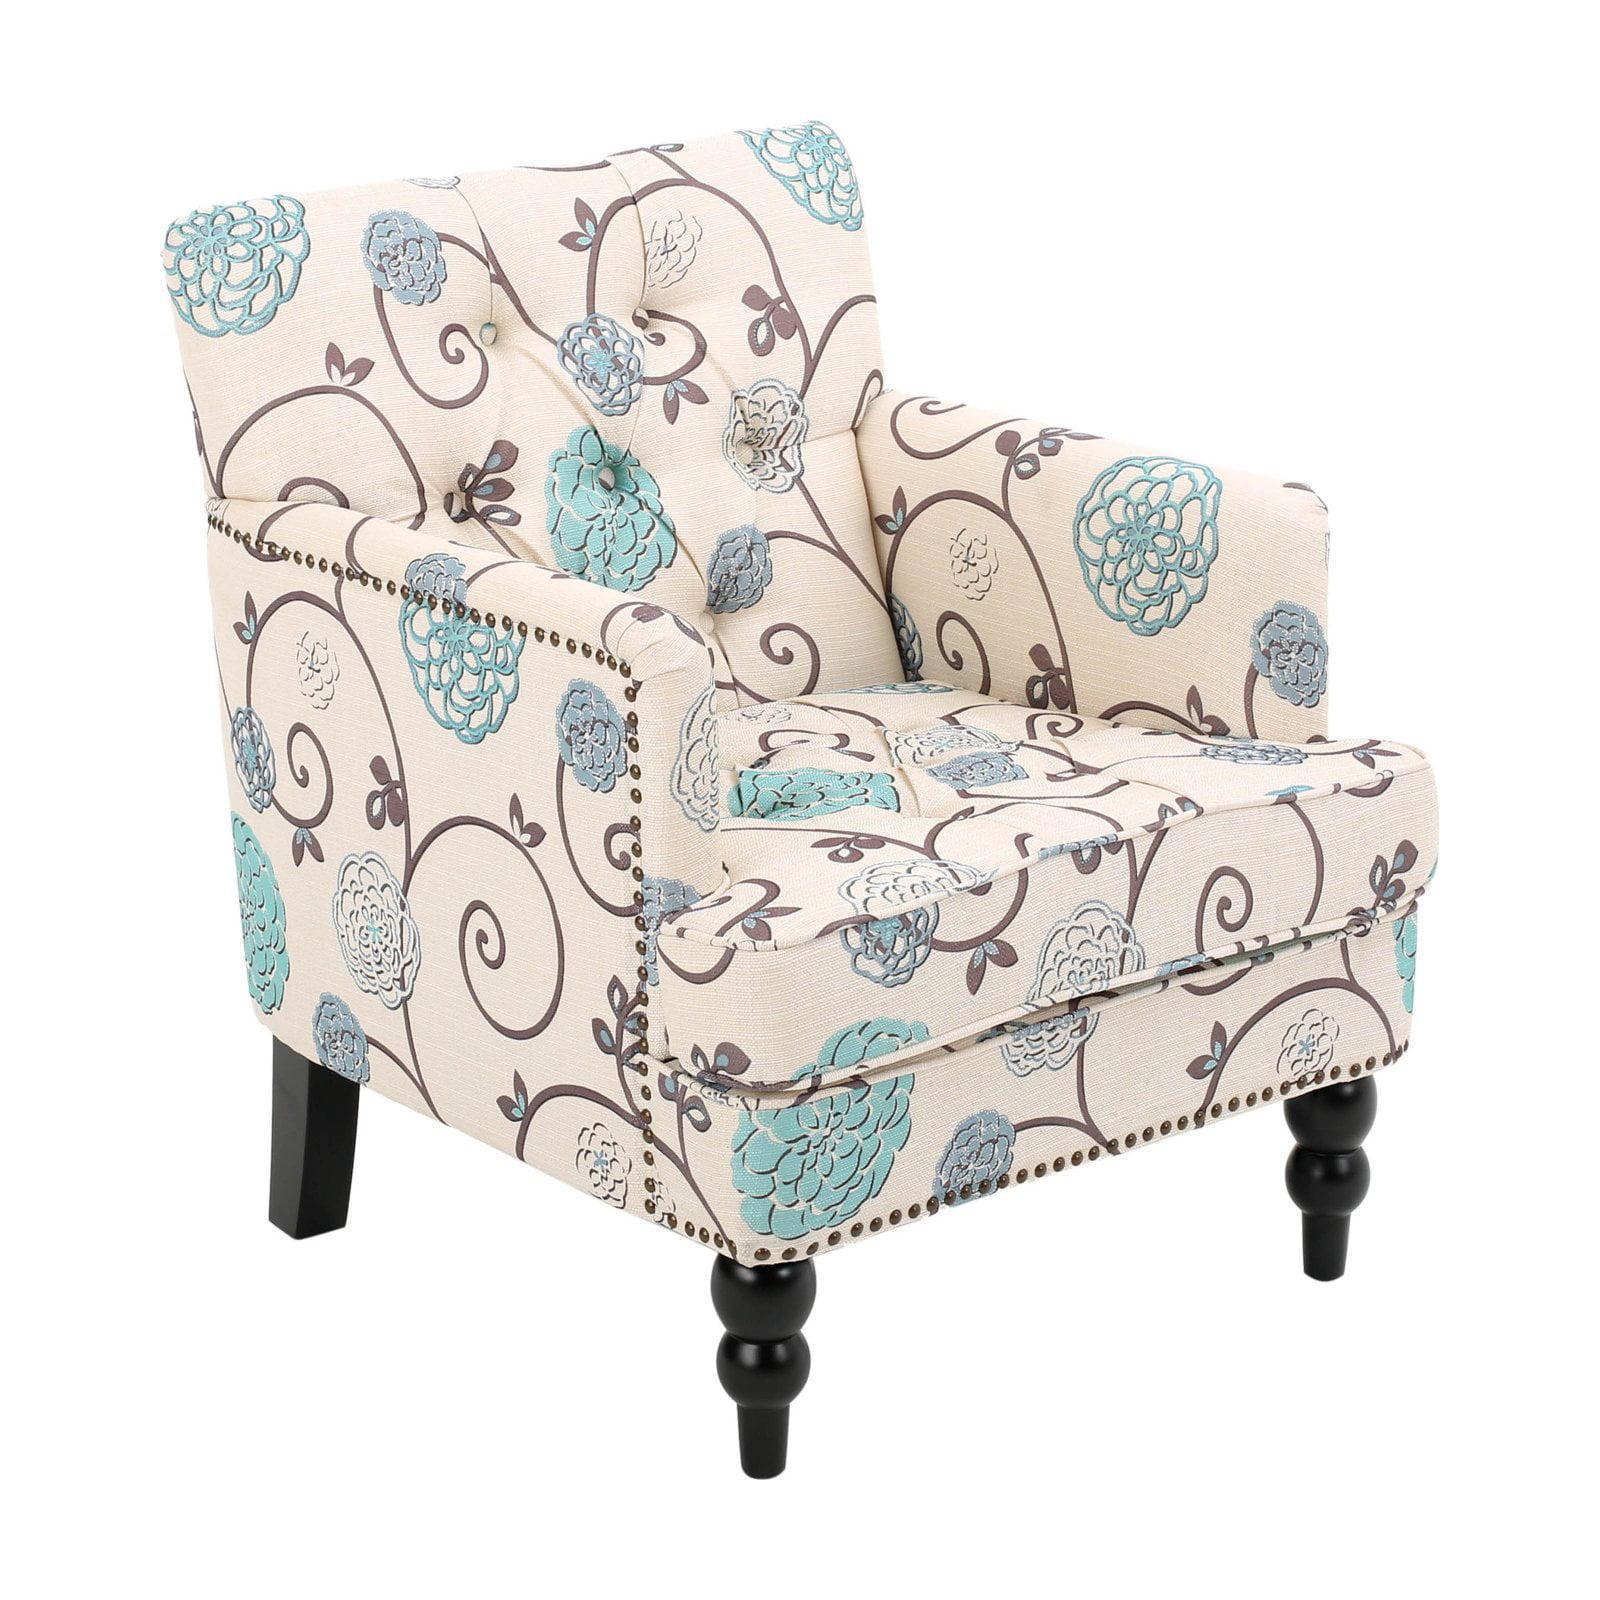 Harrison Floral Tufted Club Chair with Nailhead Trim